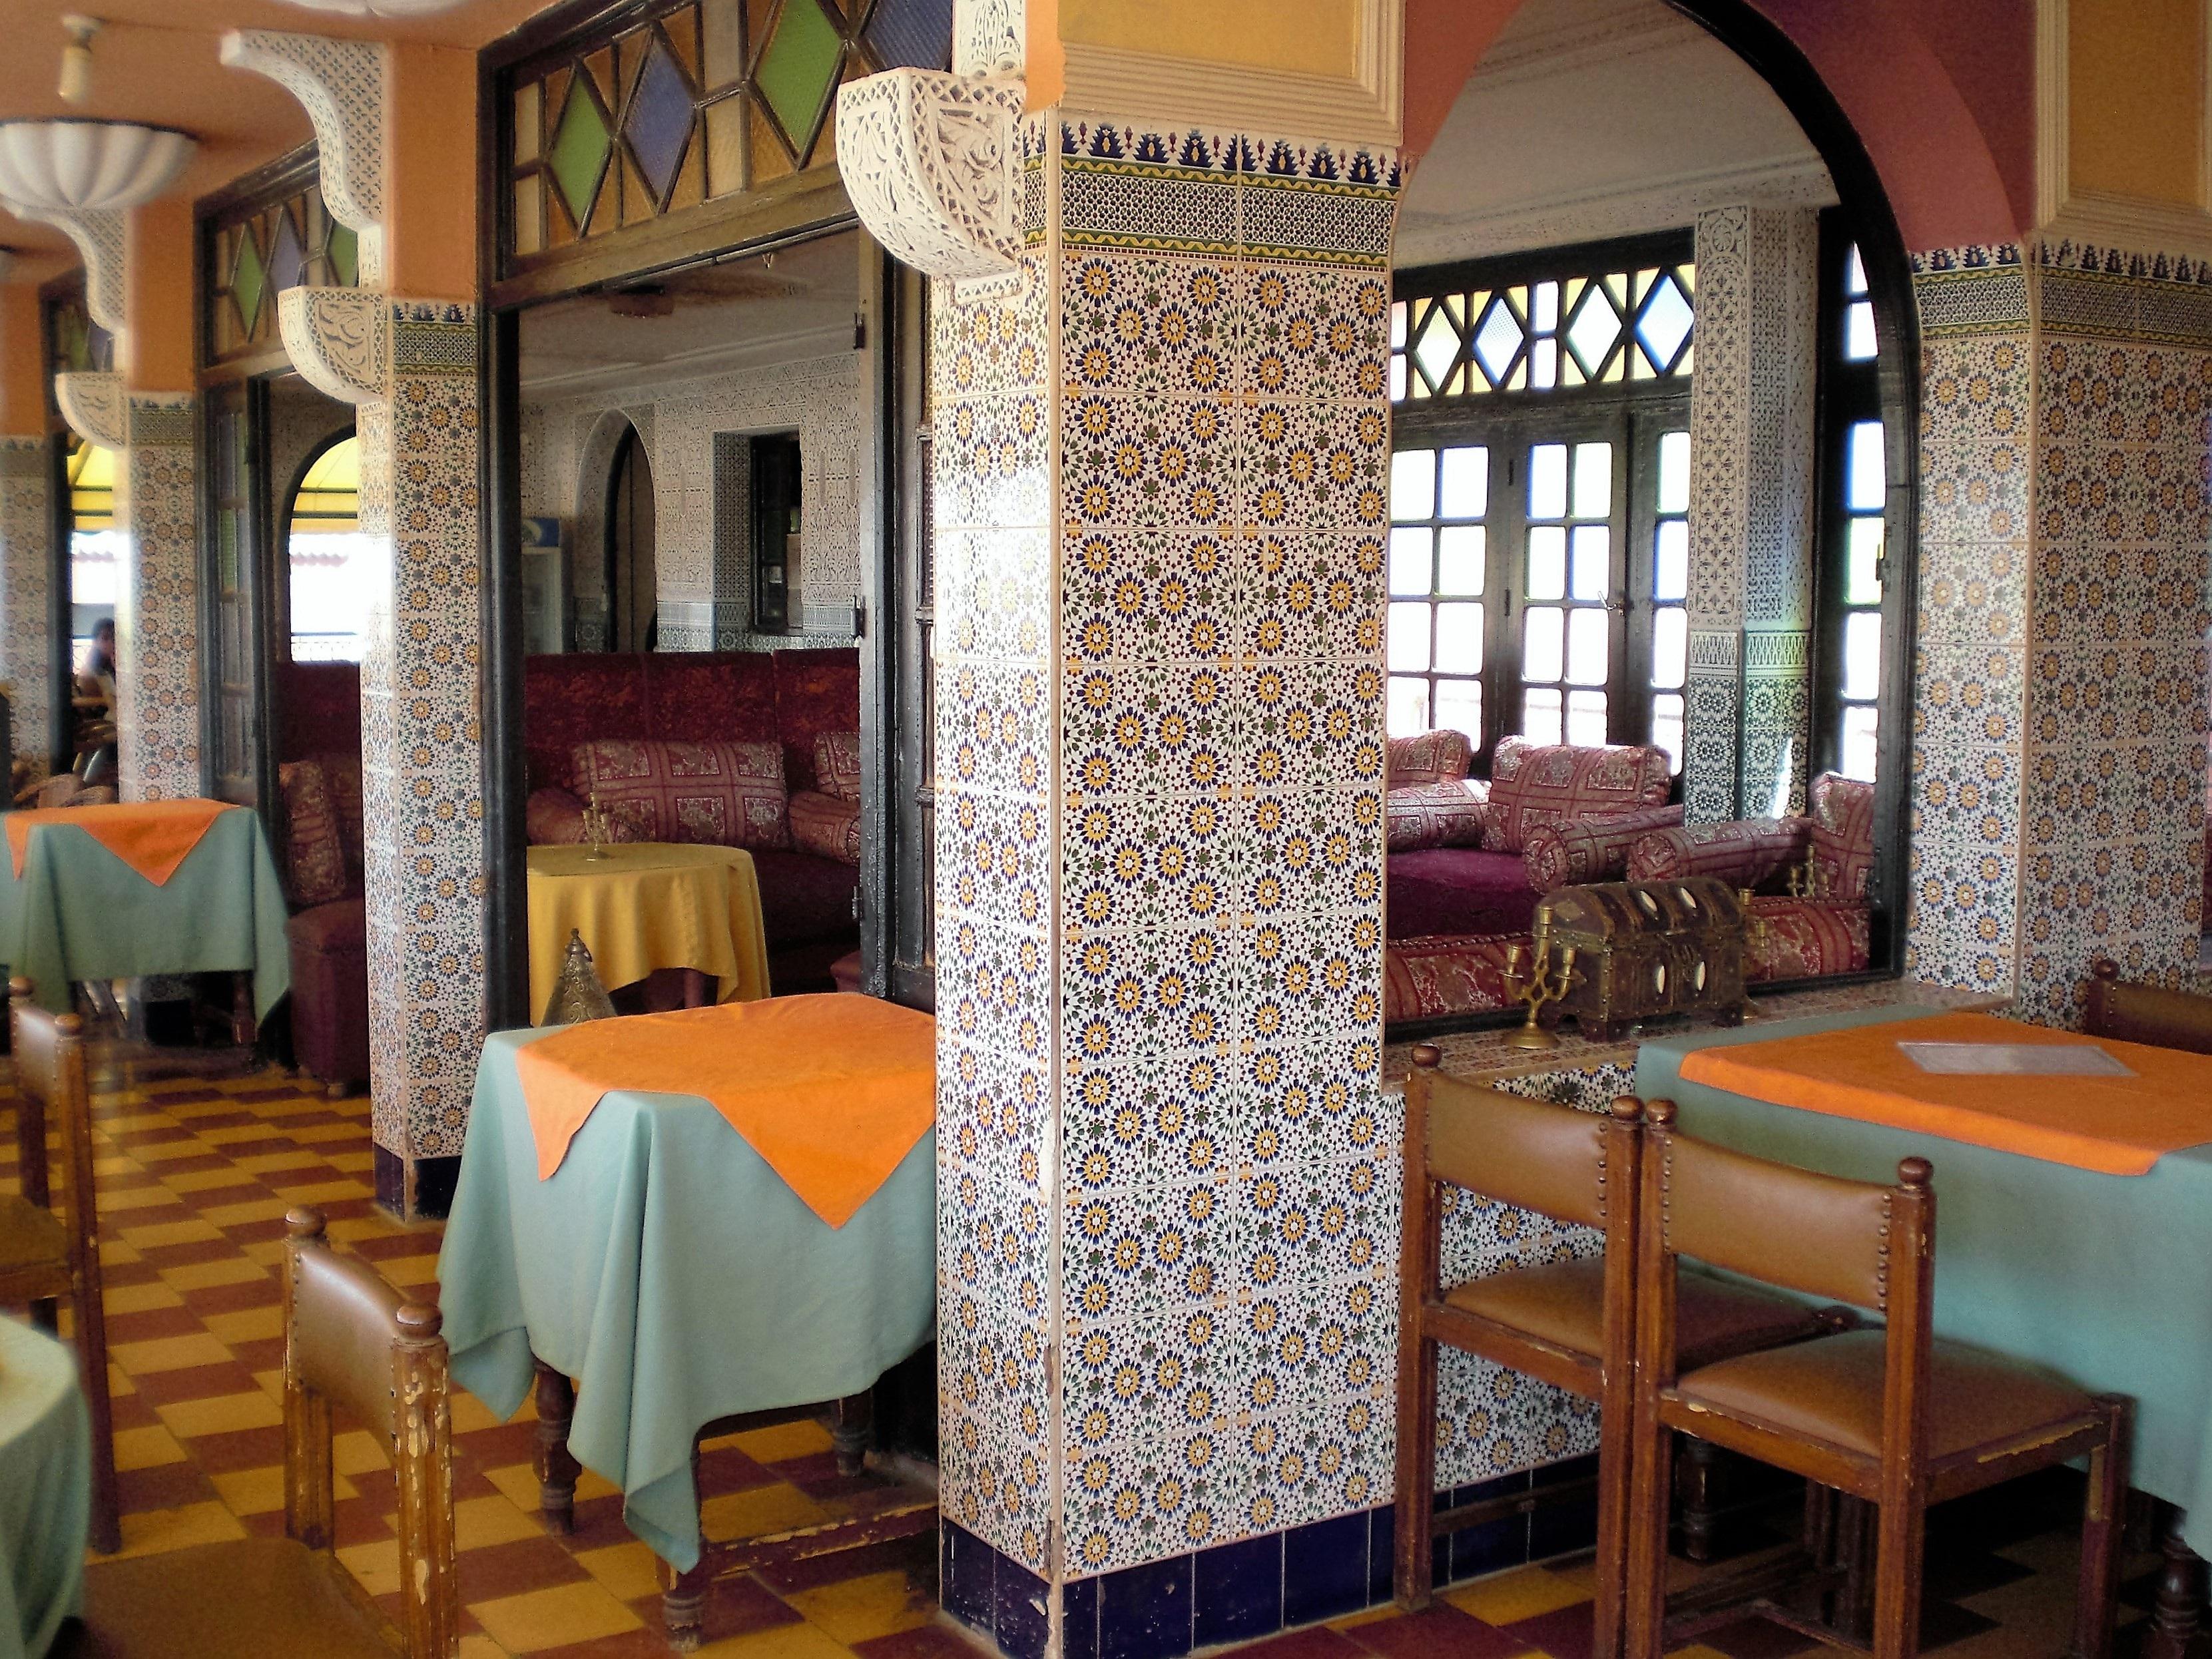 Villa Restaurant Palast Säule Eigentum Wohnzimmer Zimmer Innenarchitektur  Erholungsort Mosaik  Marrakesch Marokko Immobilien Lobby Suite